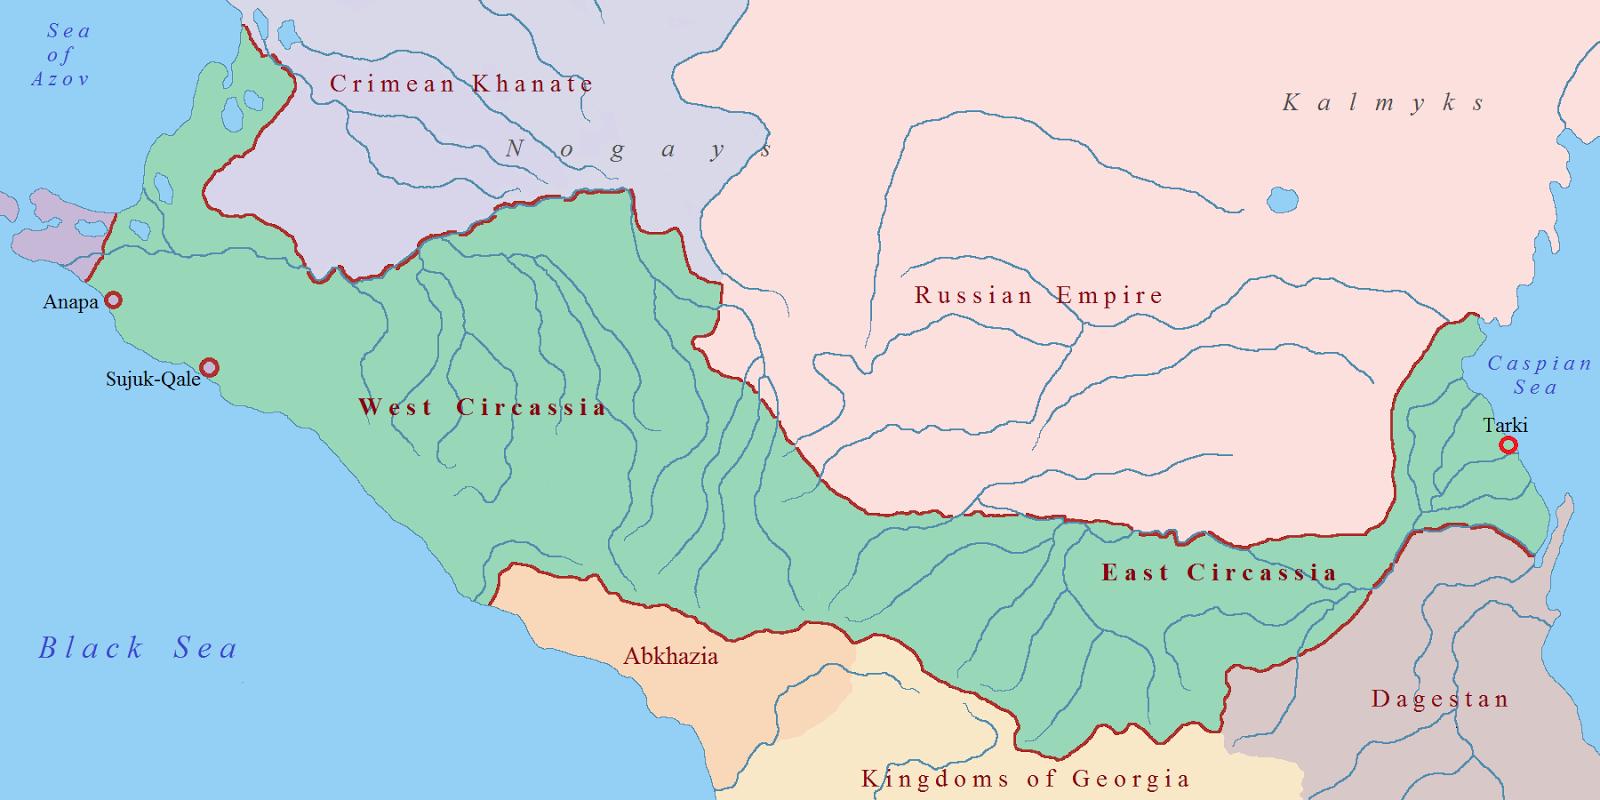 фальшивая карта Черкесии